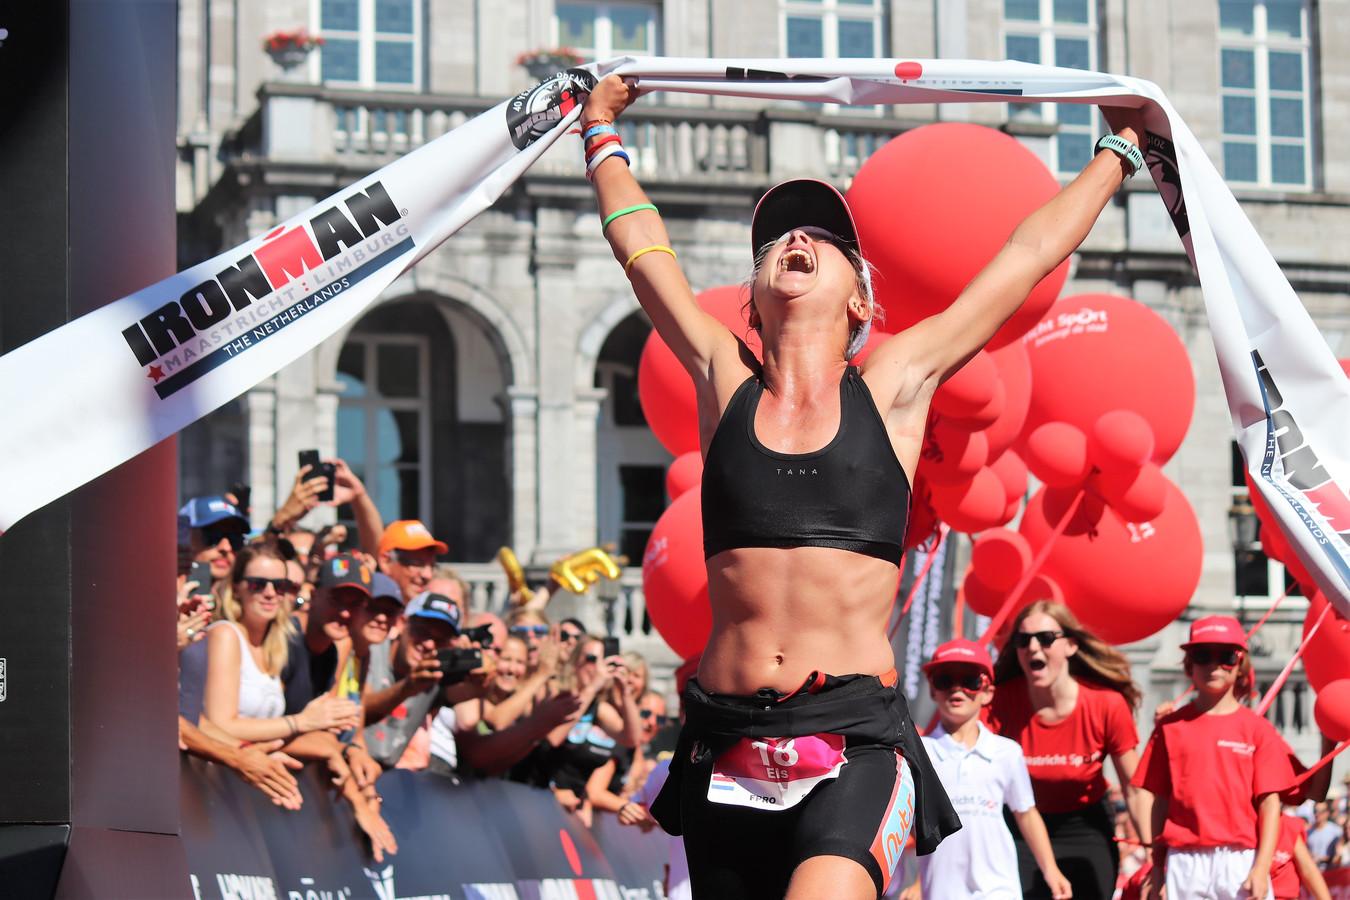 Els Visser komt als winnaar over de finish tijdens de Ironman triatlon, vorig jaar augustus.